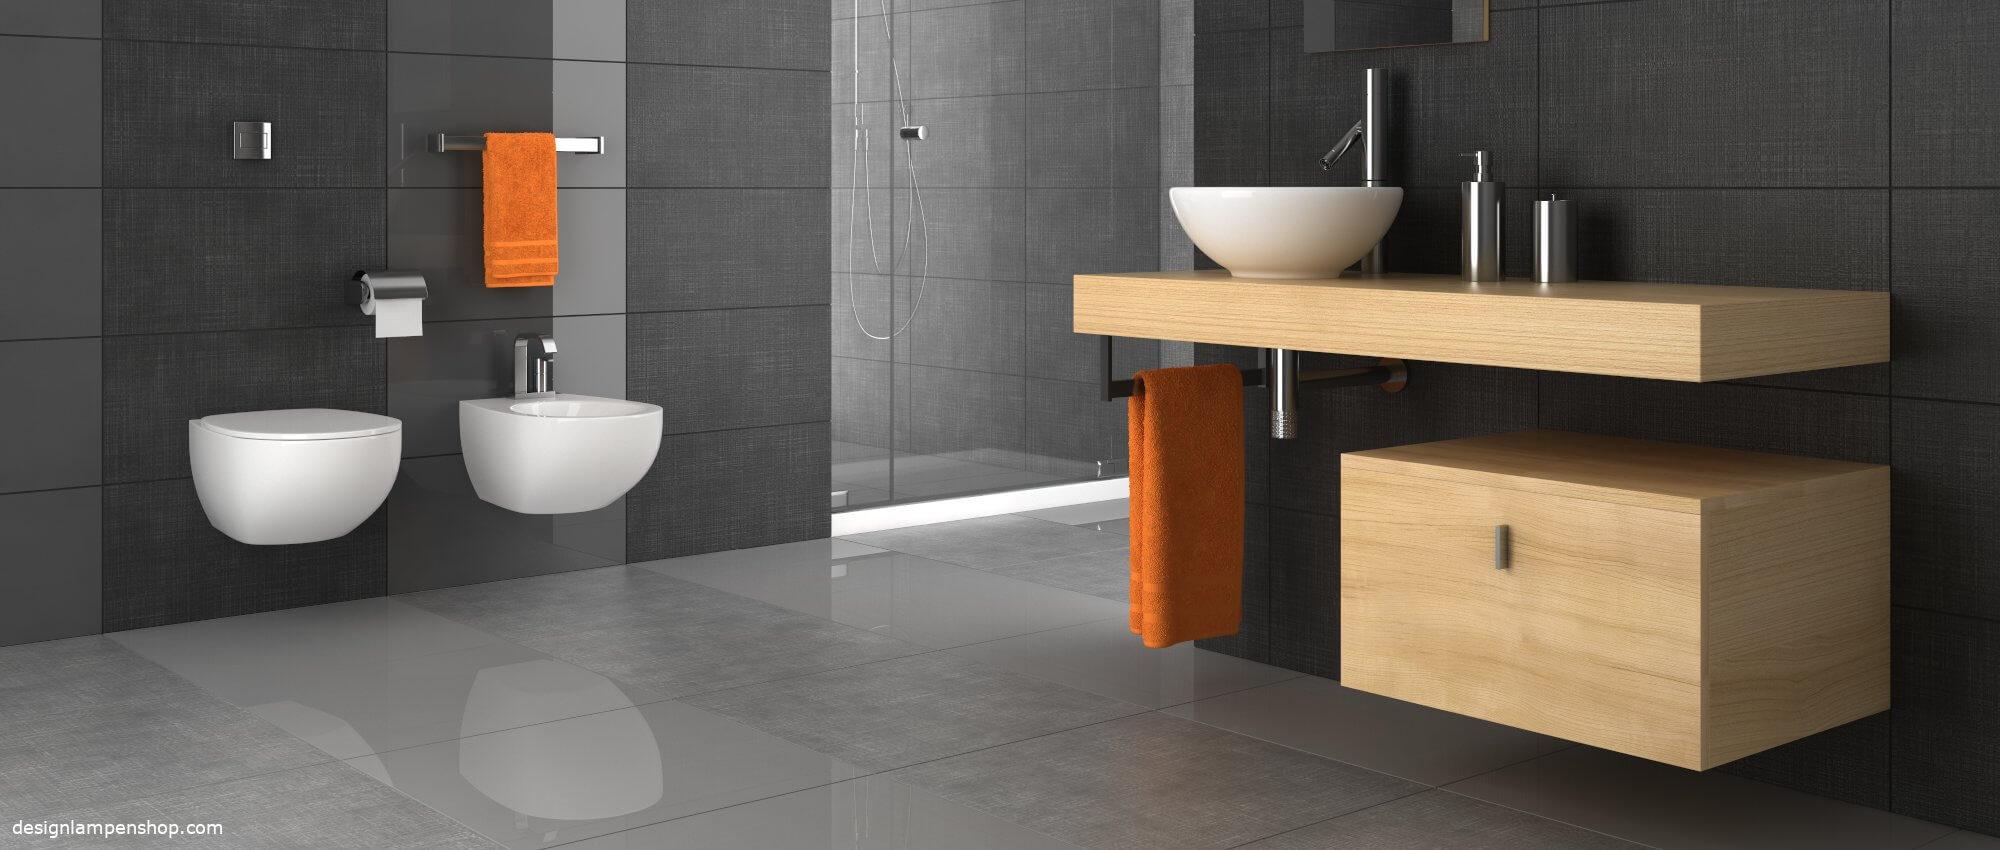 Modernes Badezimmer mit Handtuchhalter